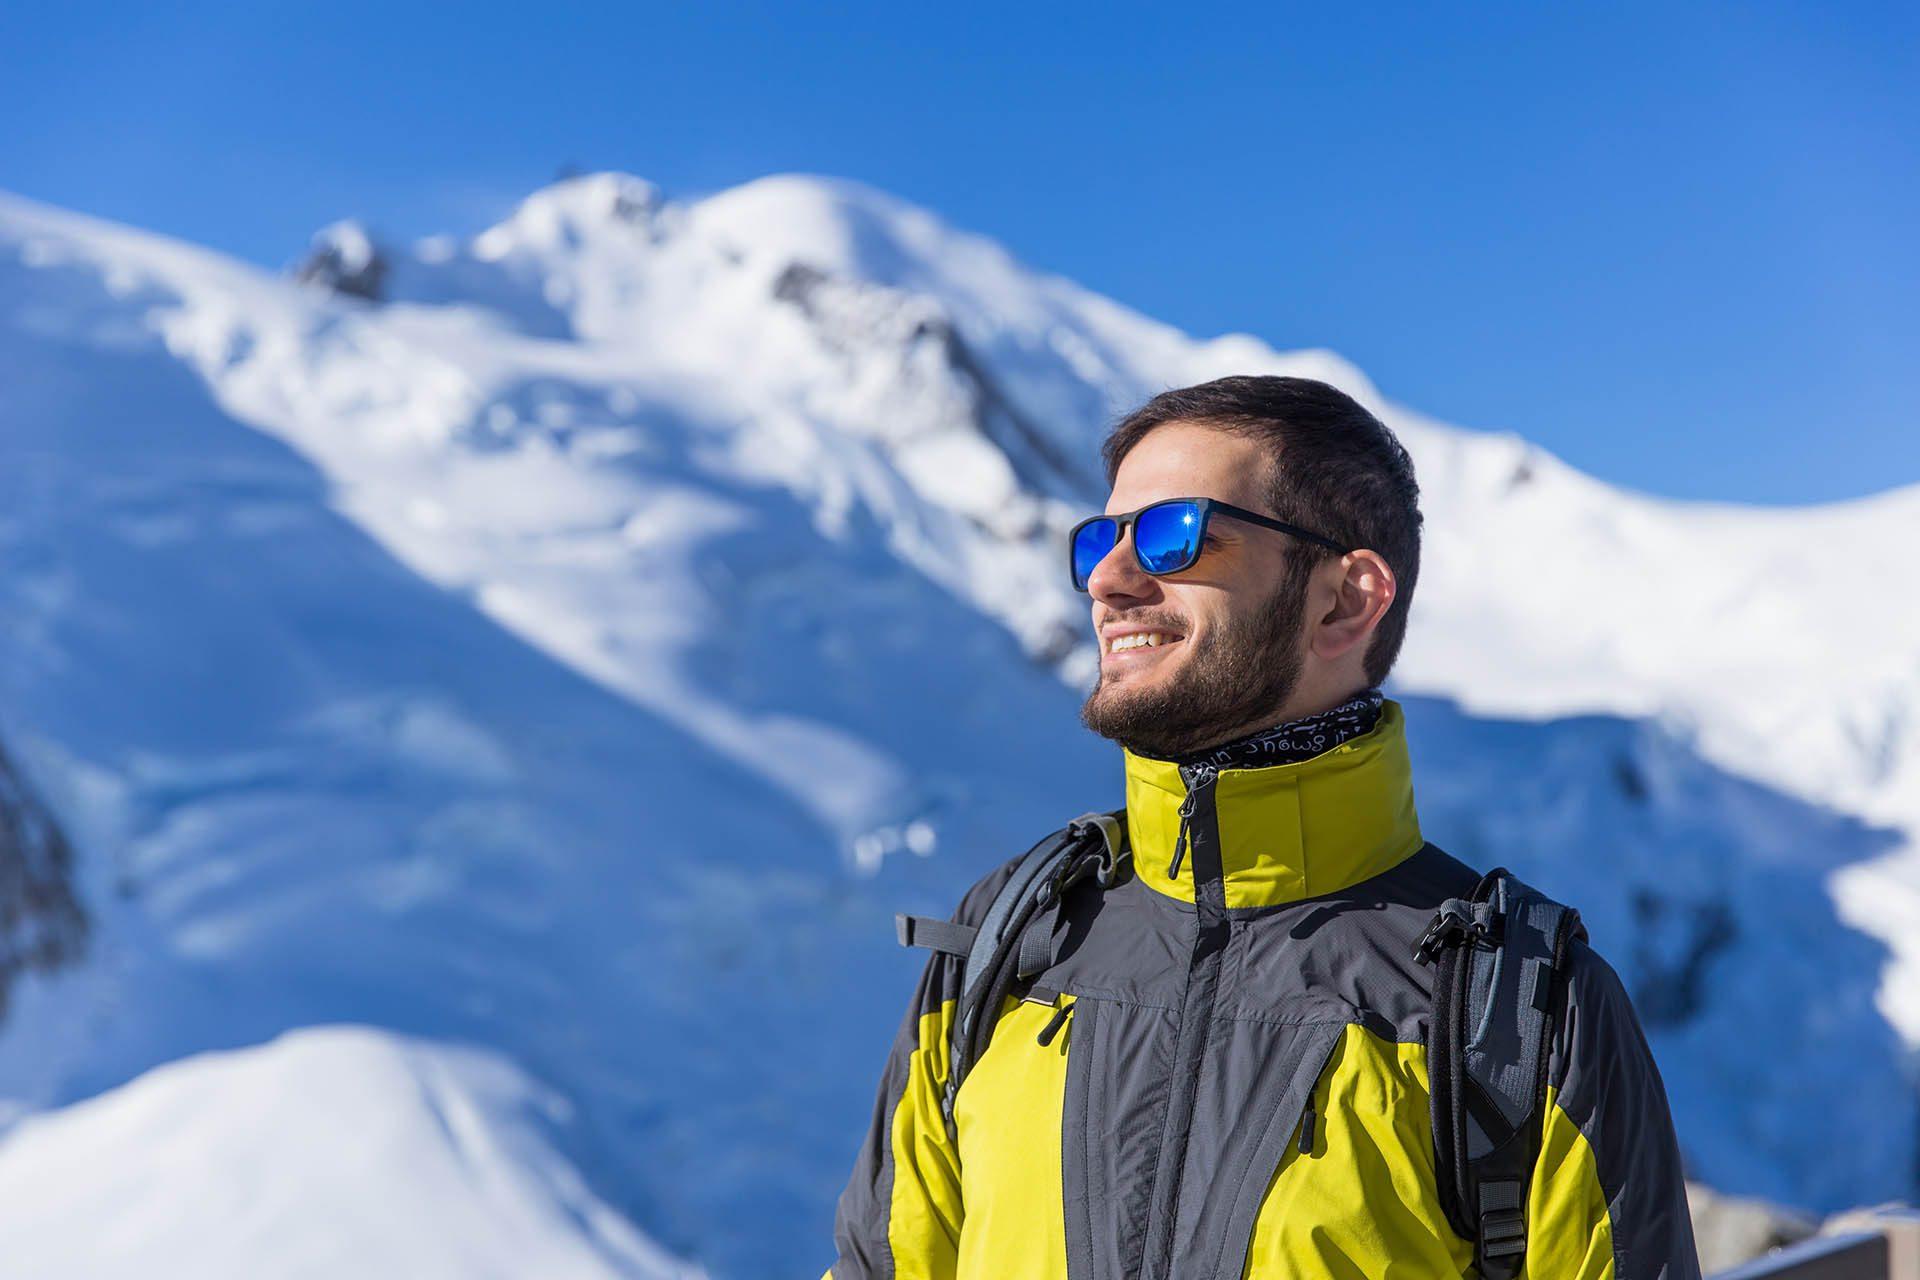 Le Val d'Aran, la destination gay-friendly à connaître cet hiver